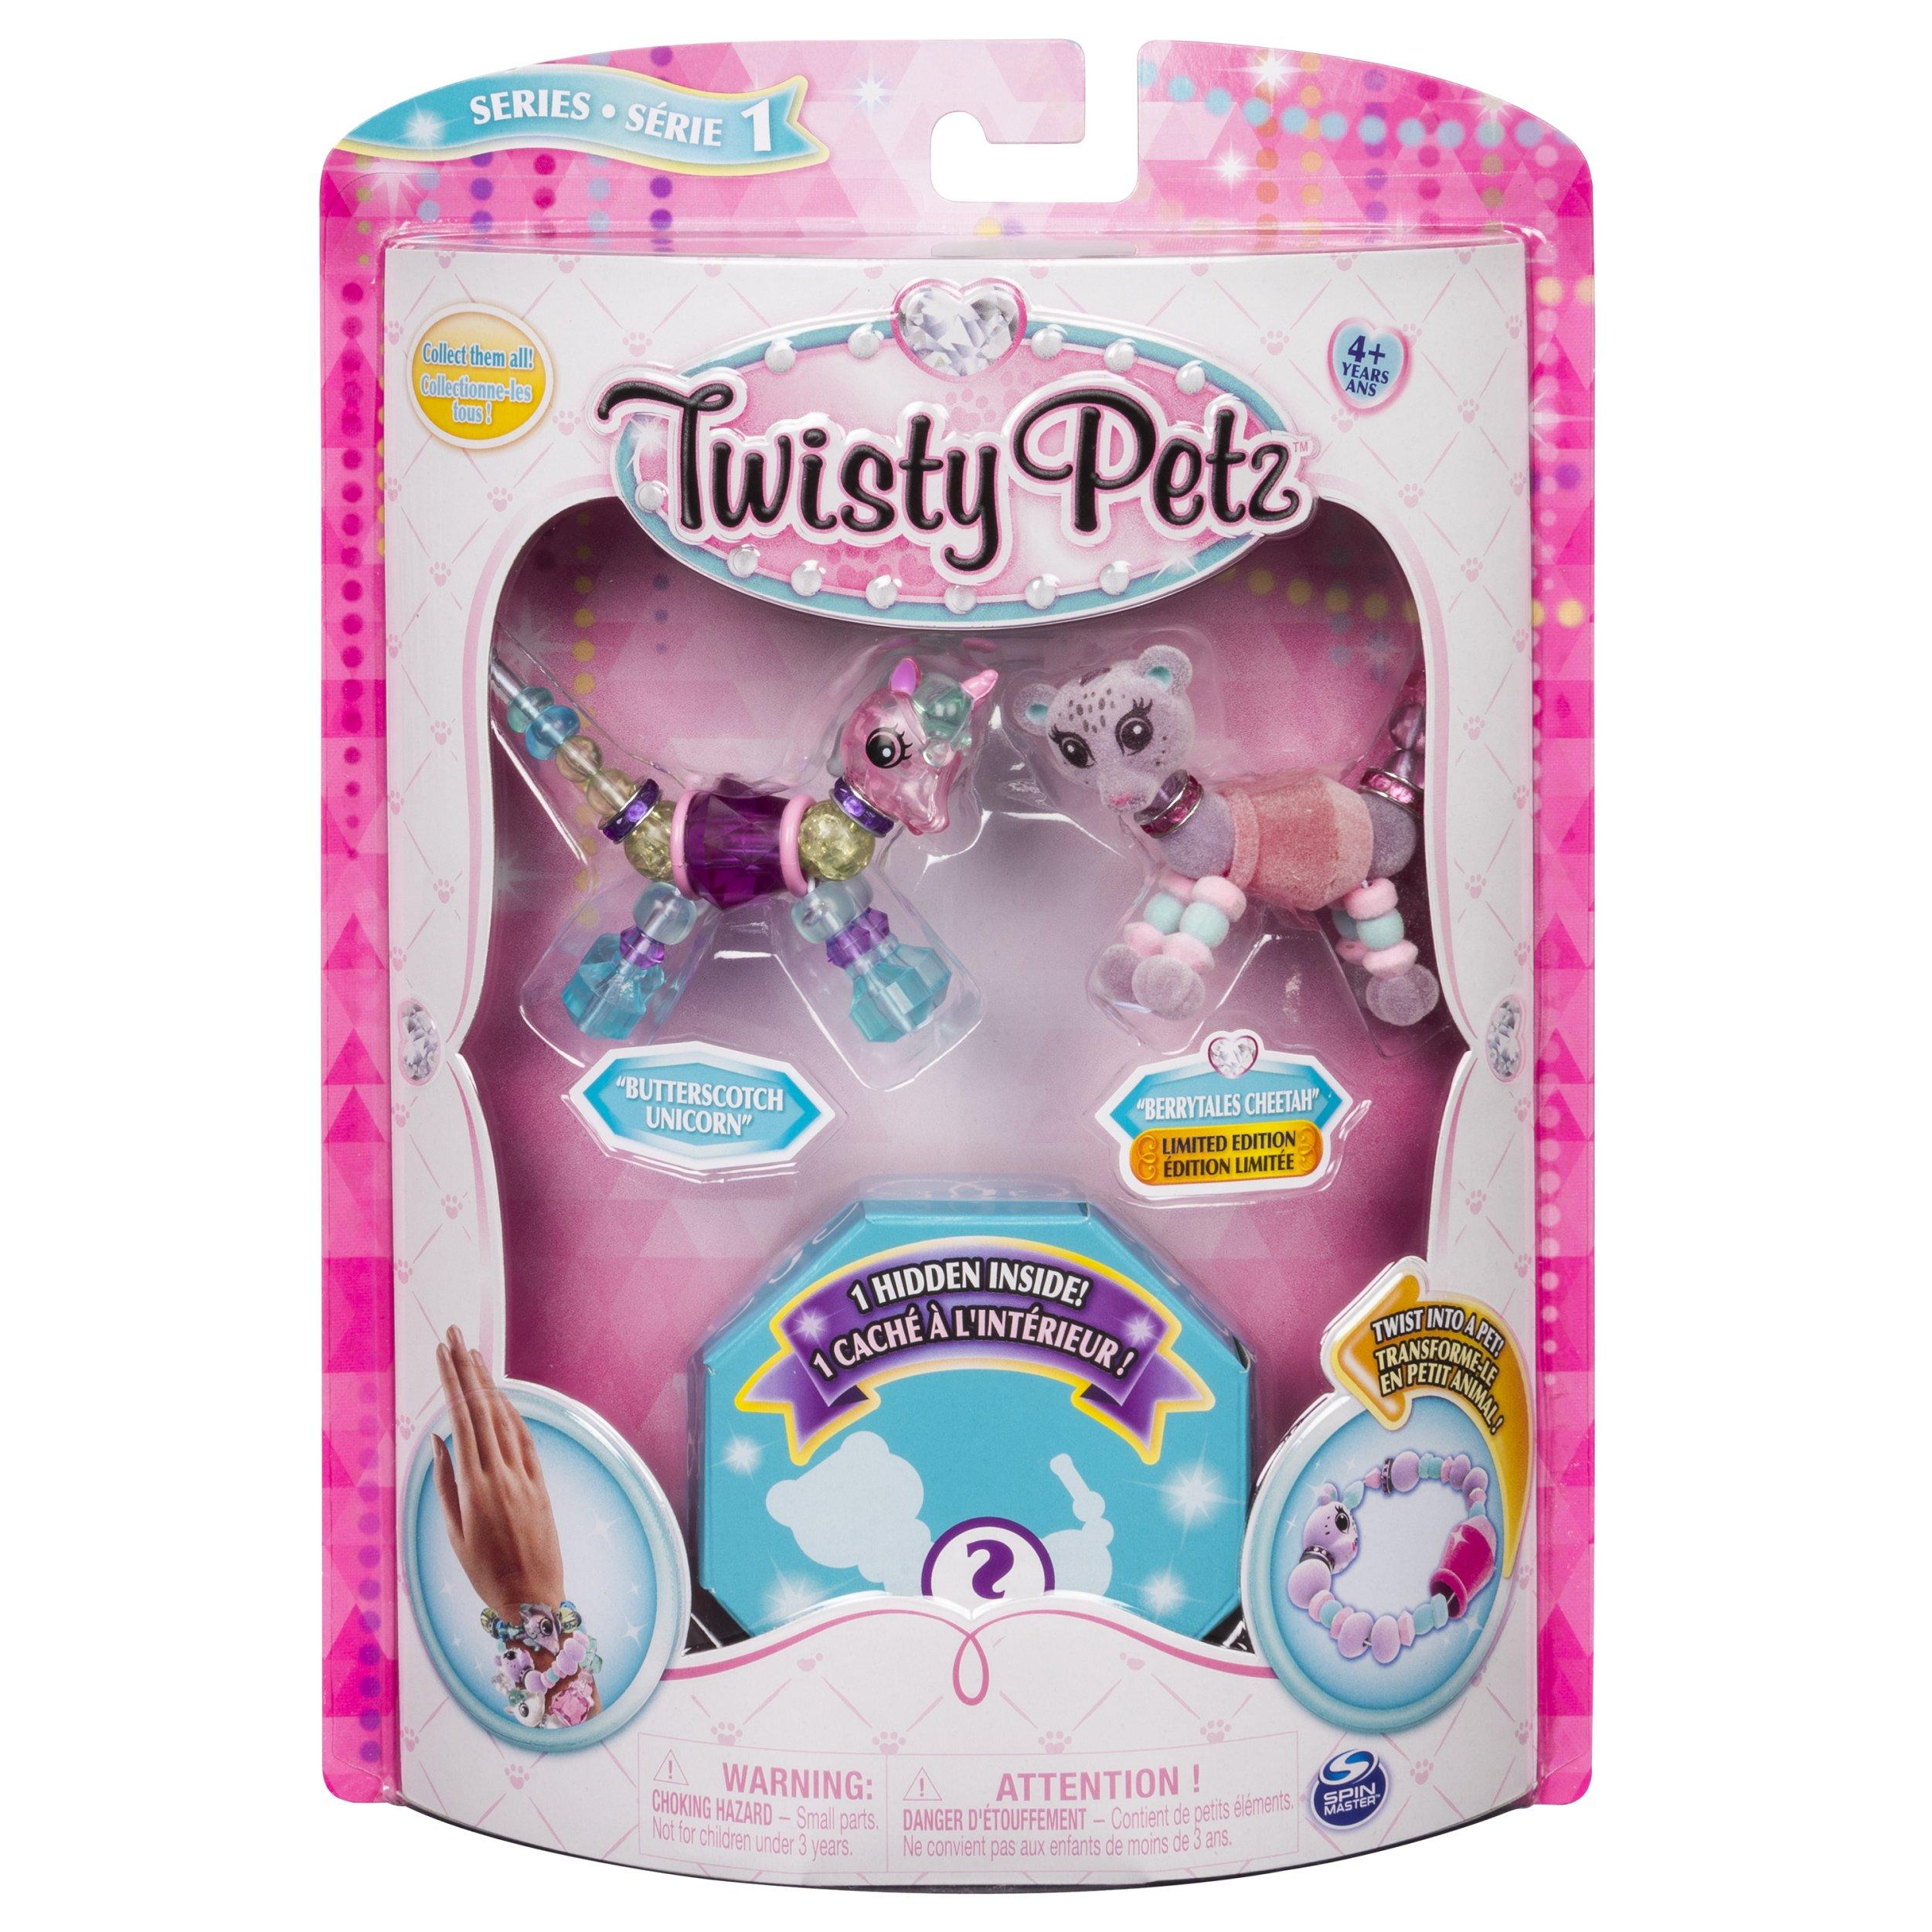 Twisty Petz Collectible Bracelet Set, Unicorn, Cheetah & Surprise Pet 3-Pack by Twisty Petz